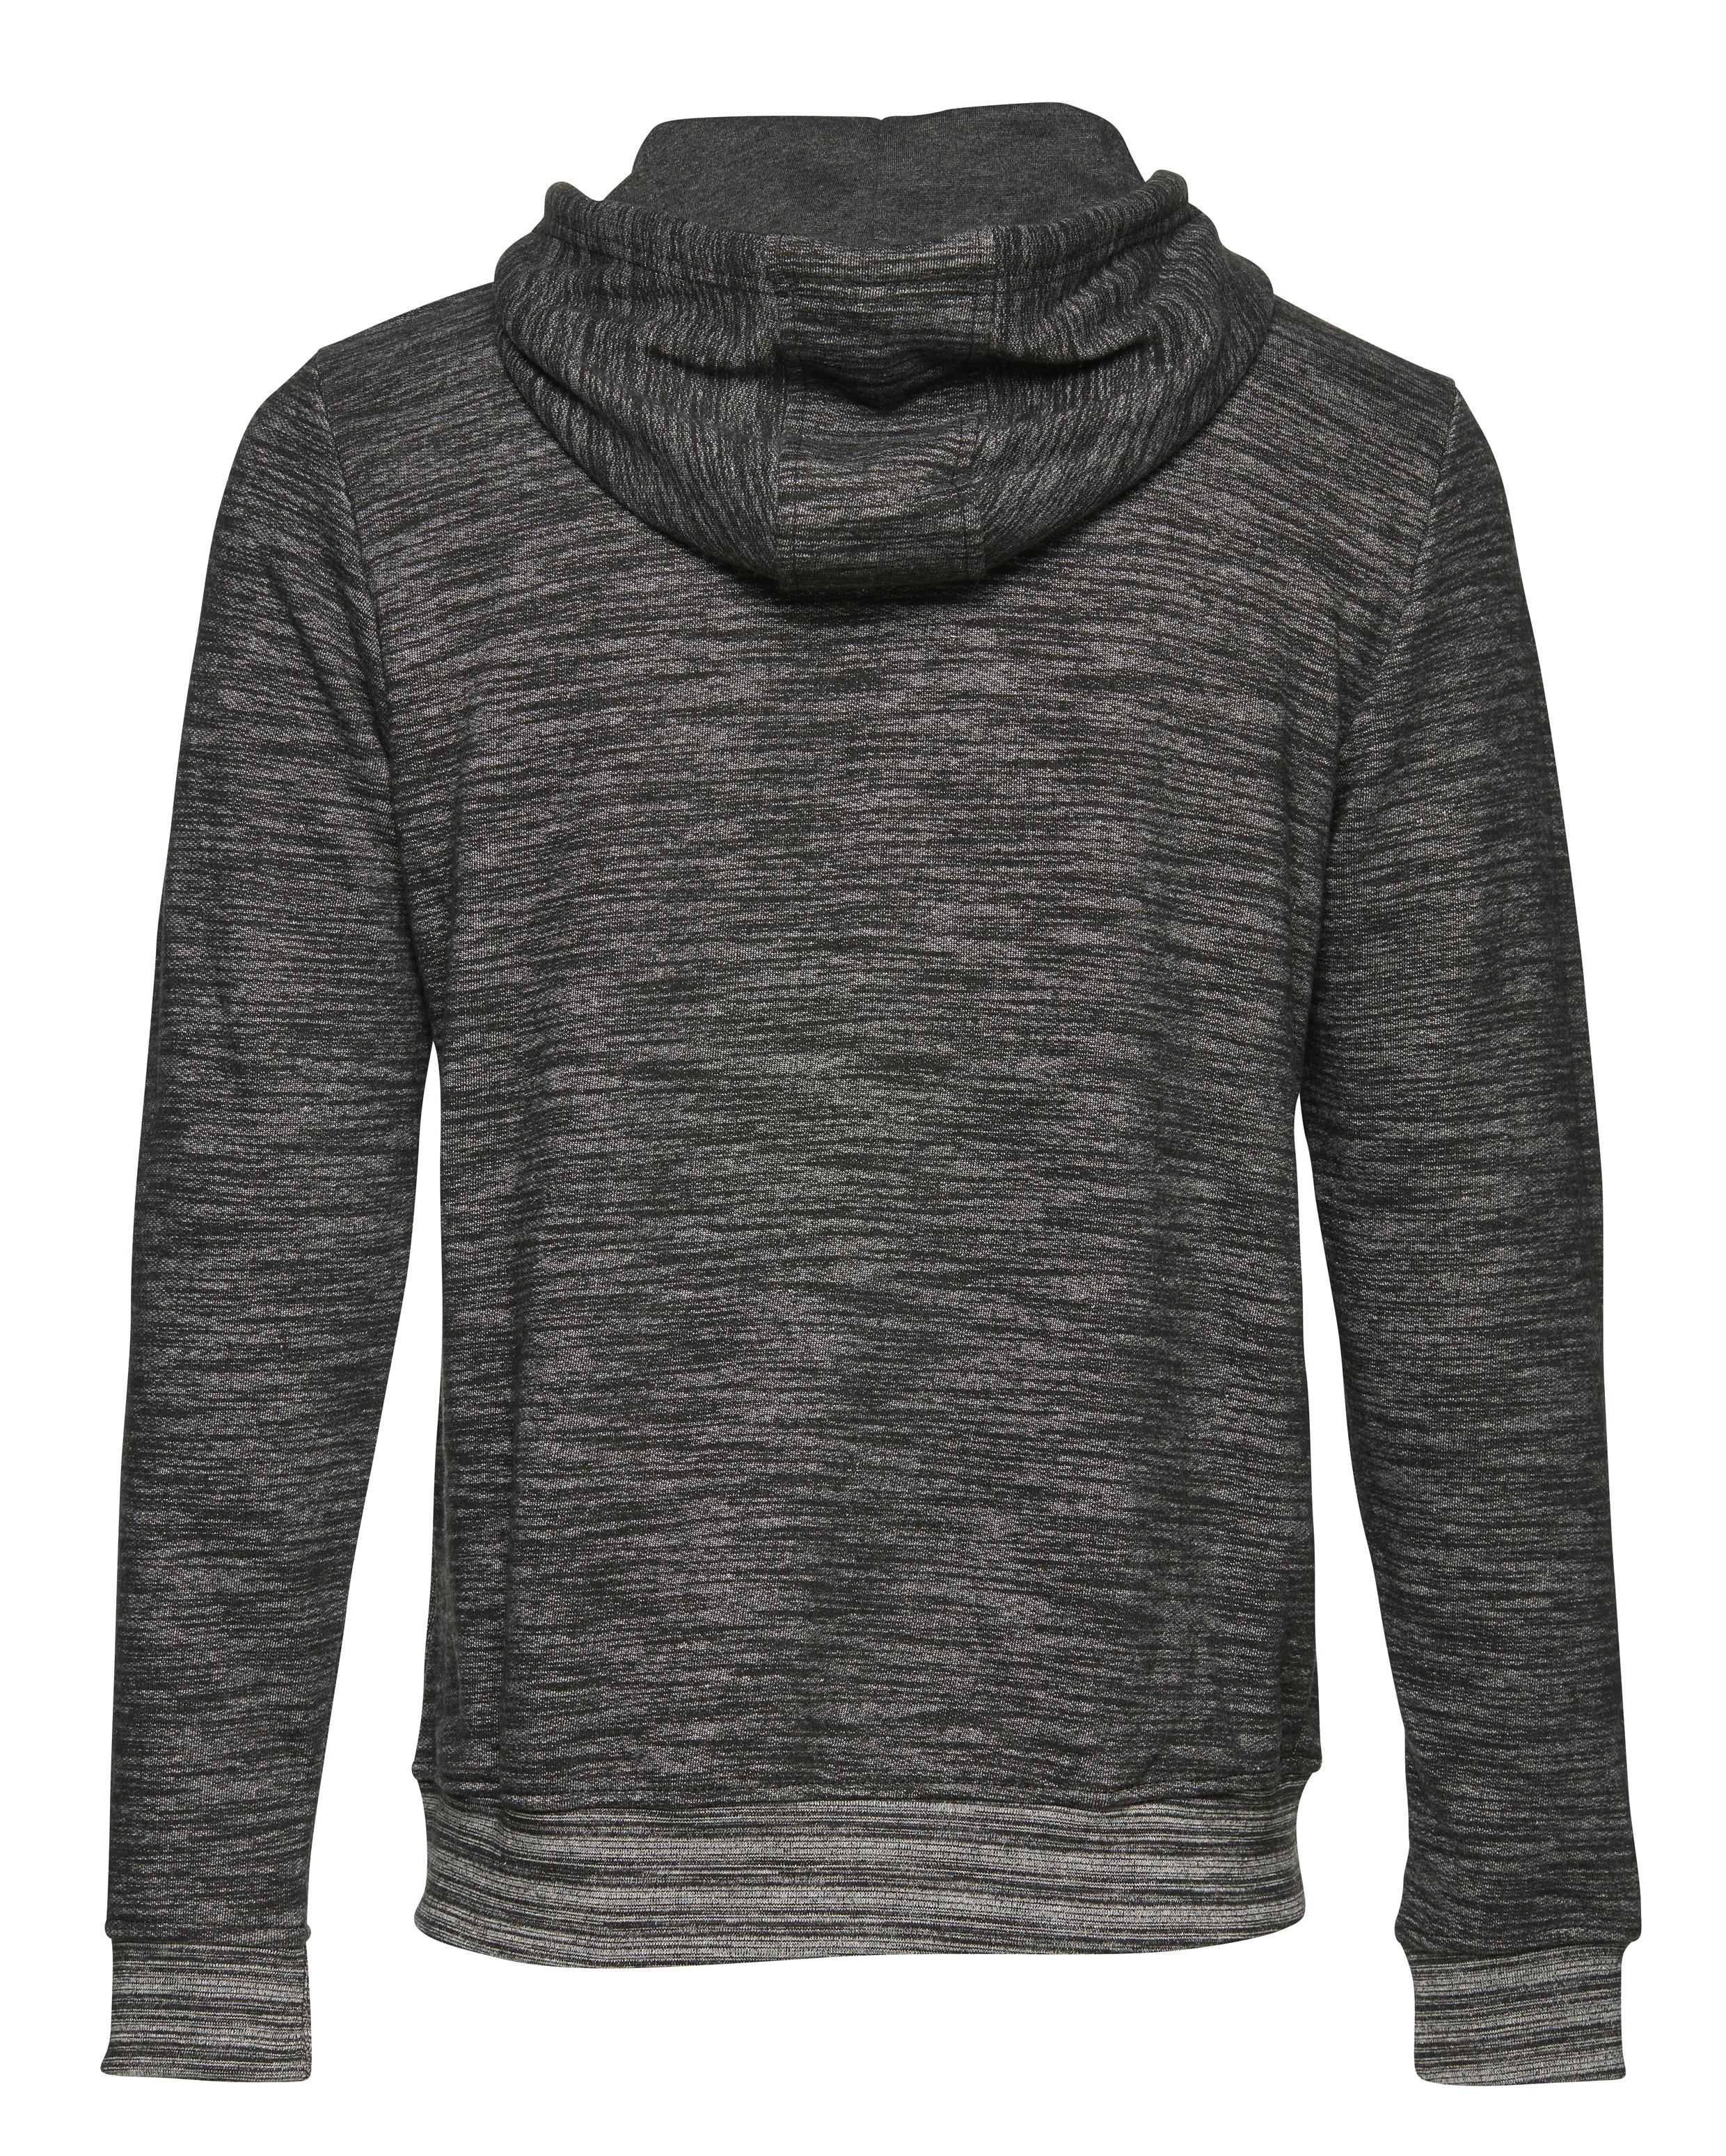 Charcoal Sweatshirt fra Blend He – Køb Charcoal Sweatshirt fra str. S-3XL her